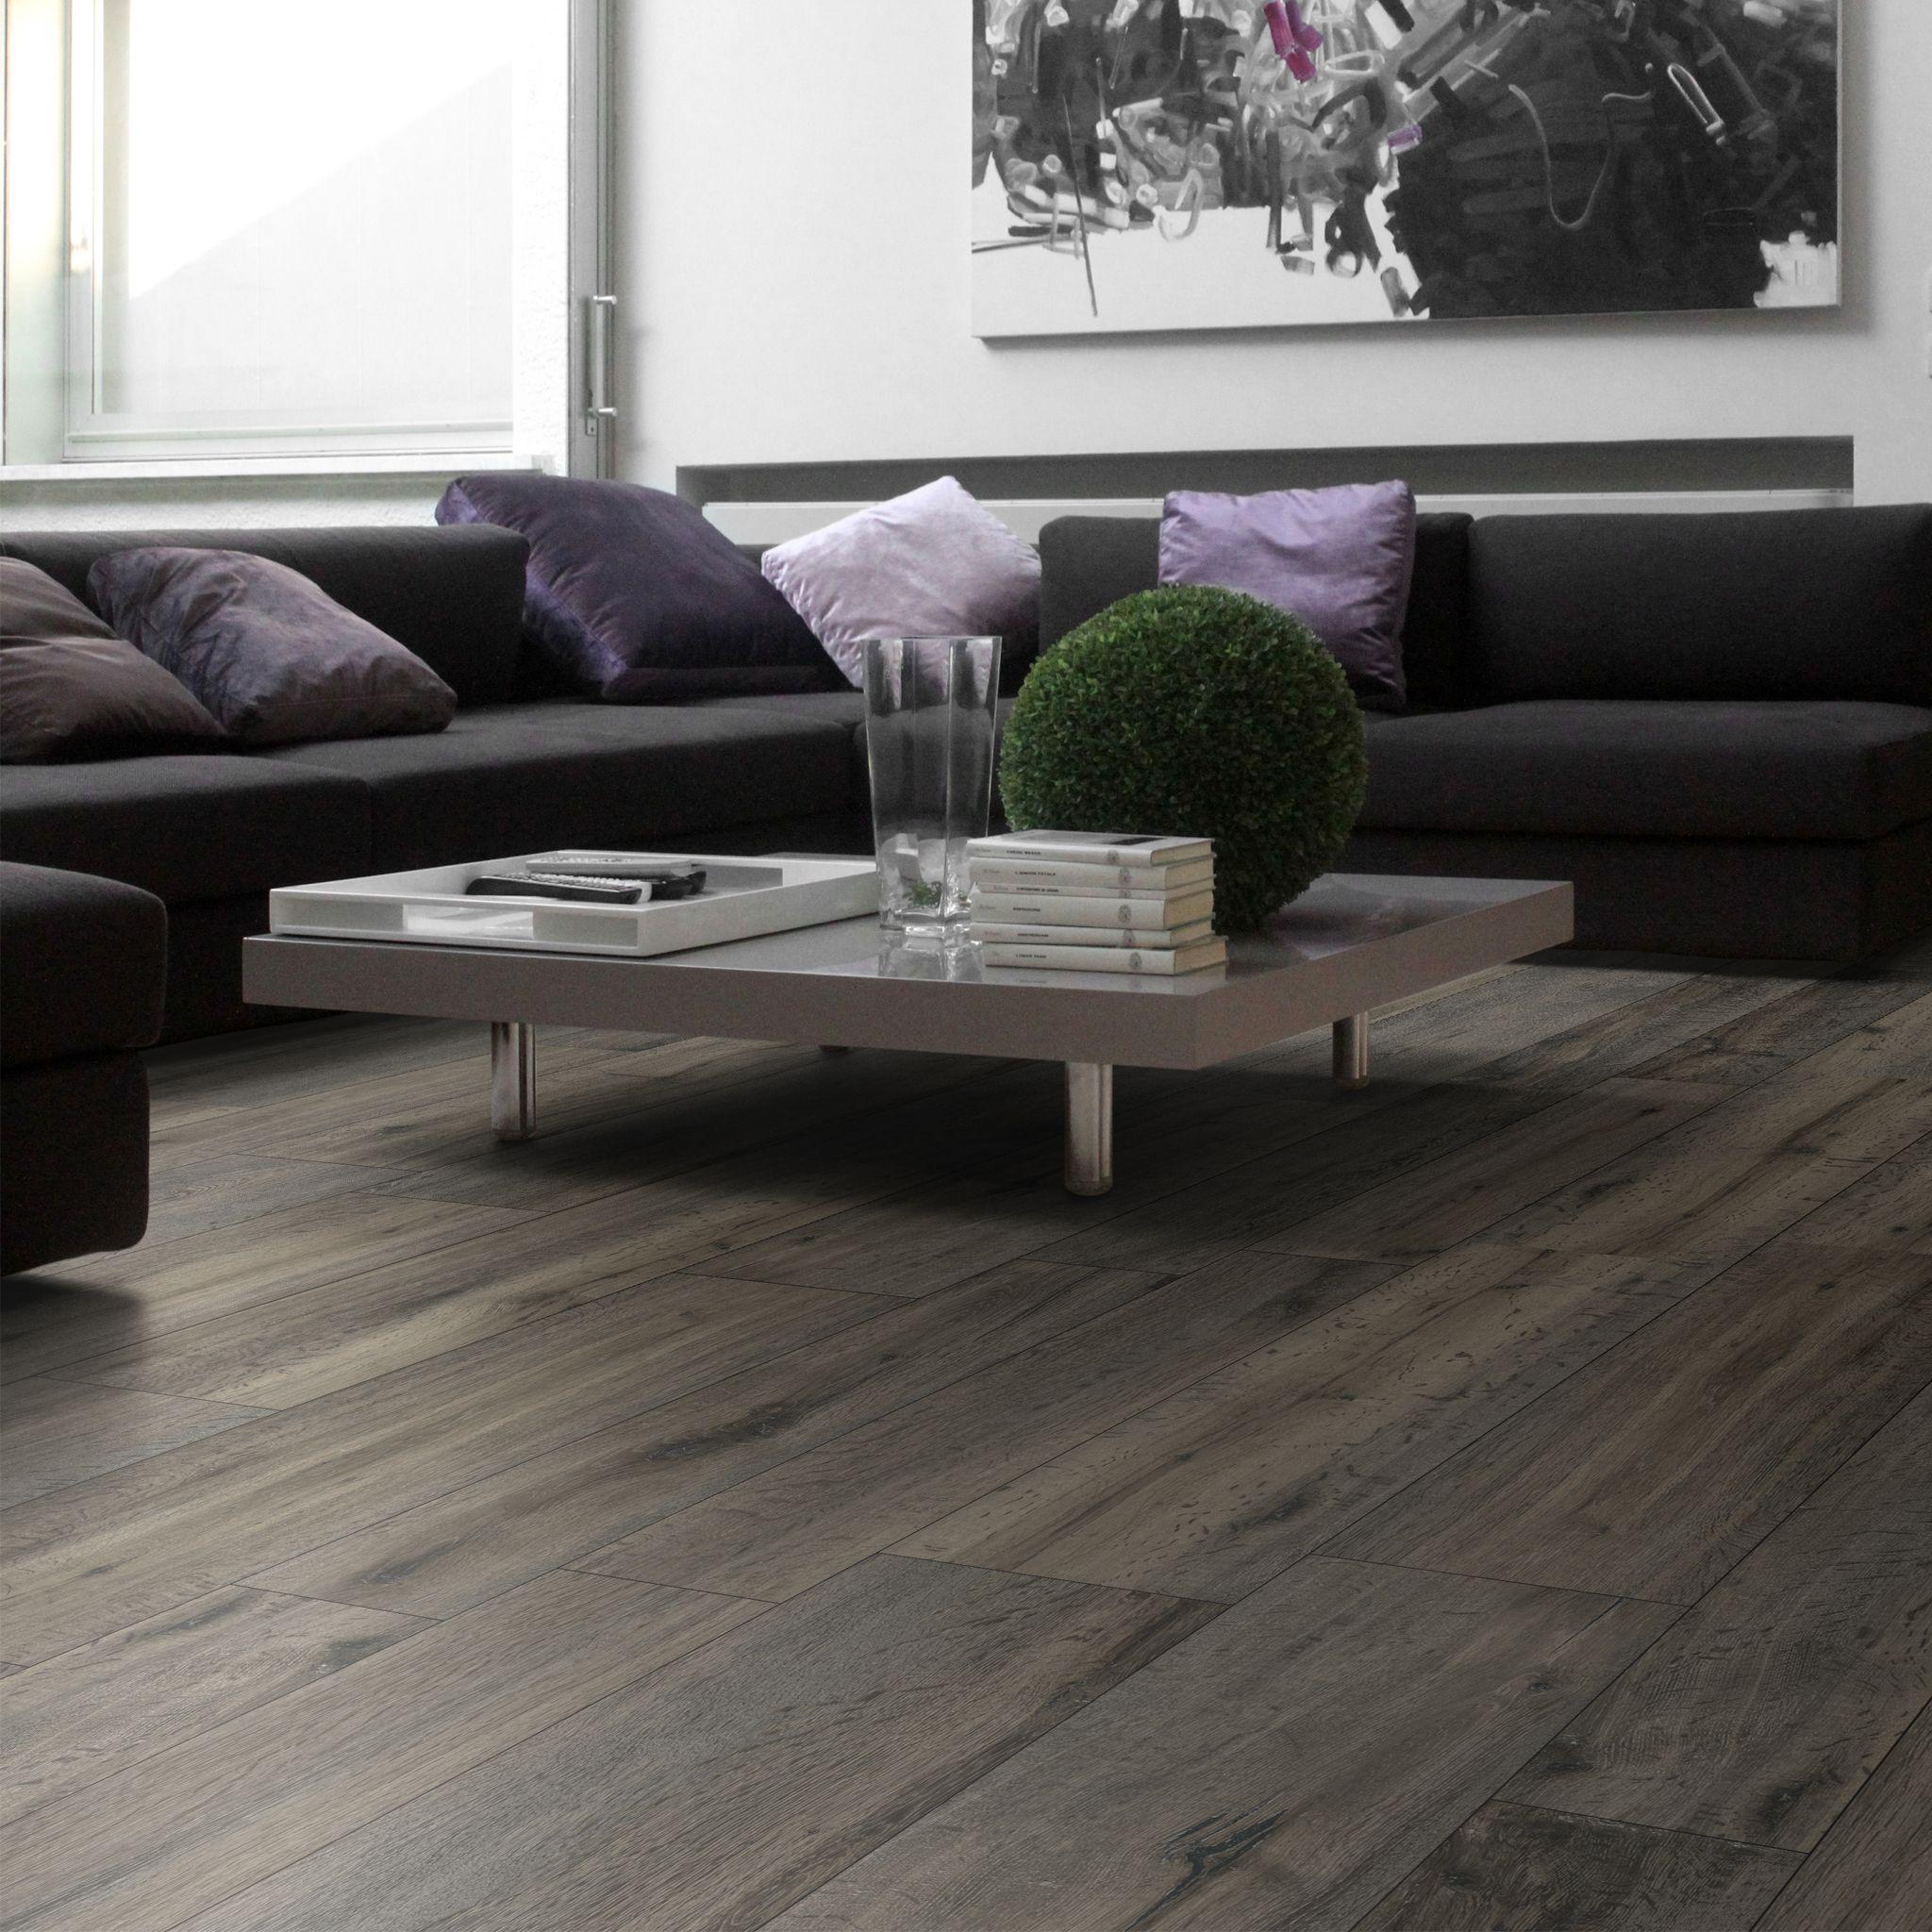 Grey wooden floor tiles to create wood effect look